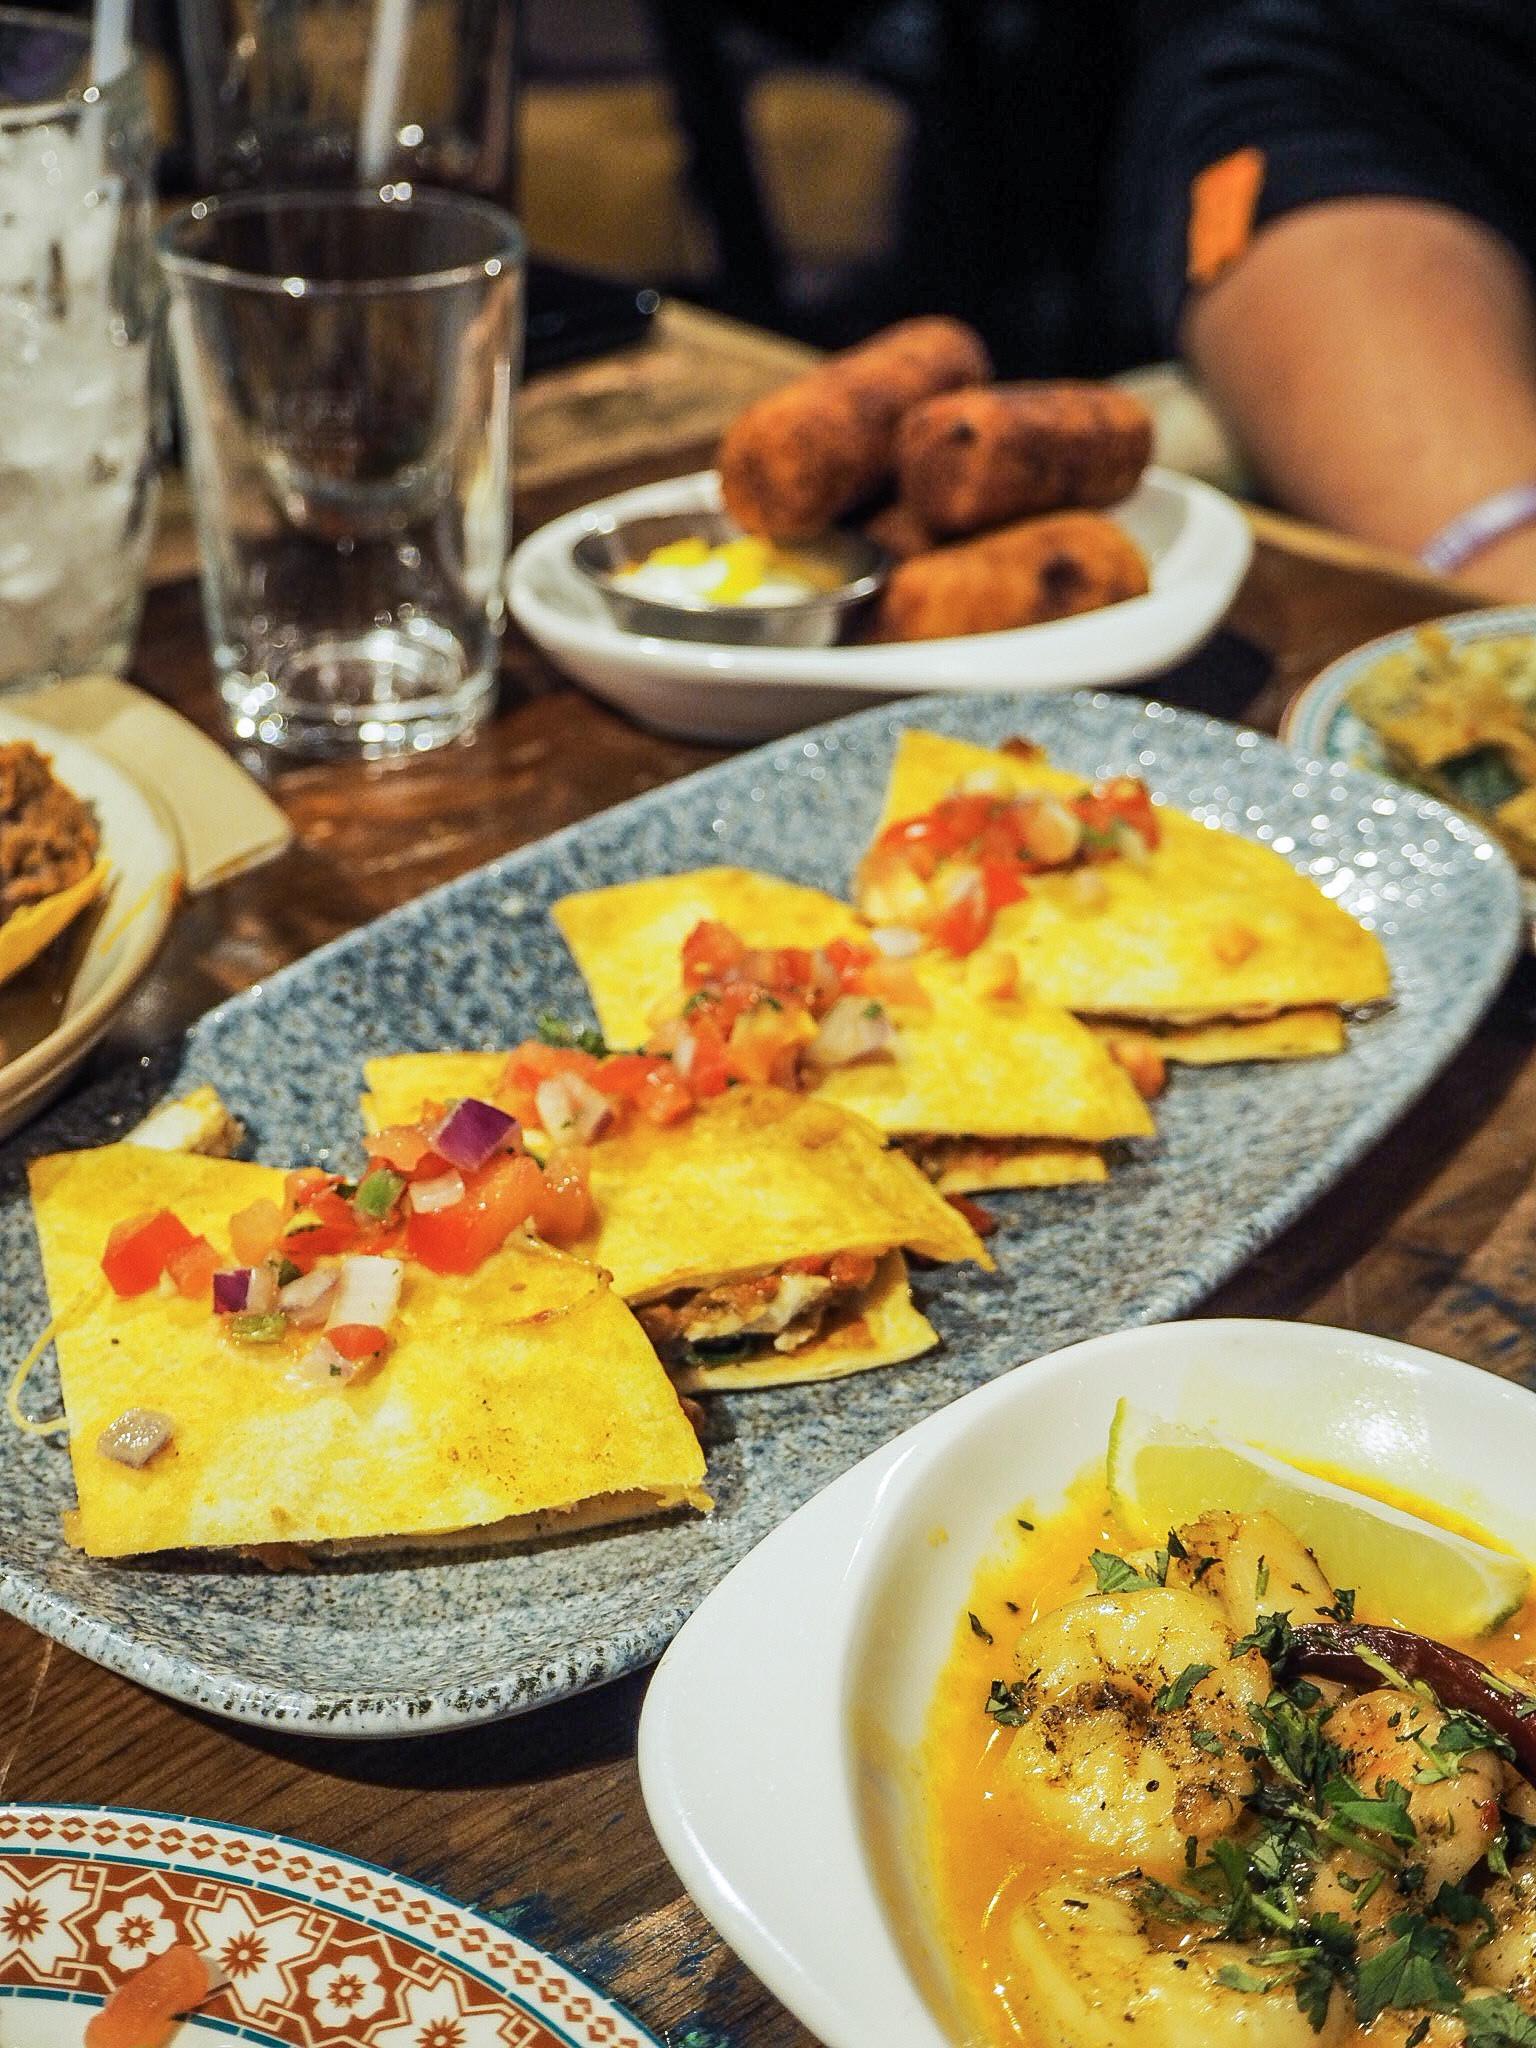 chicken and cheese quesadillas at revolucion de cuba